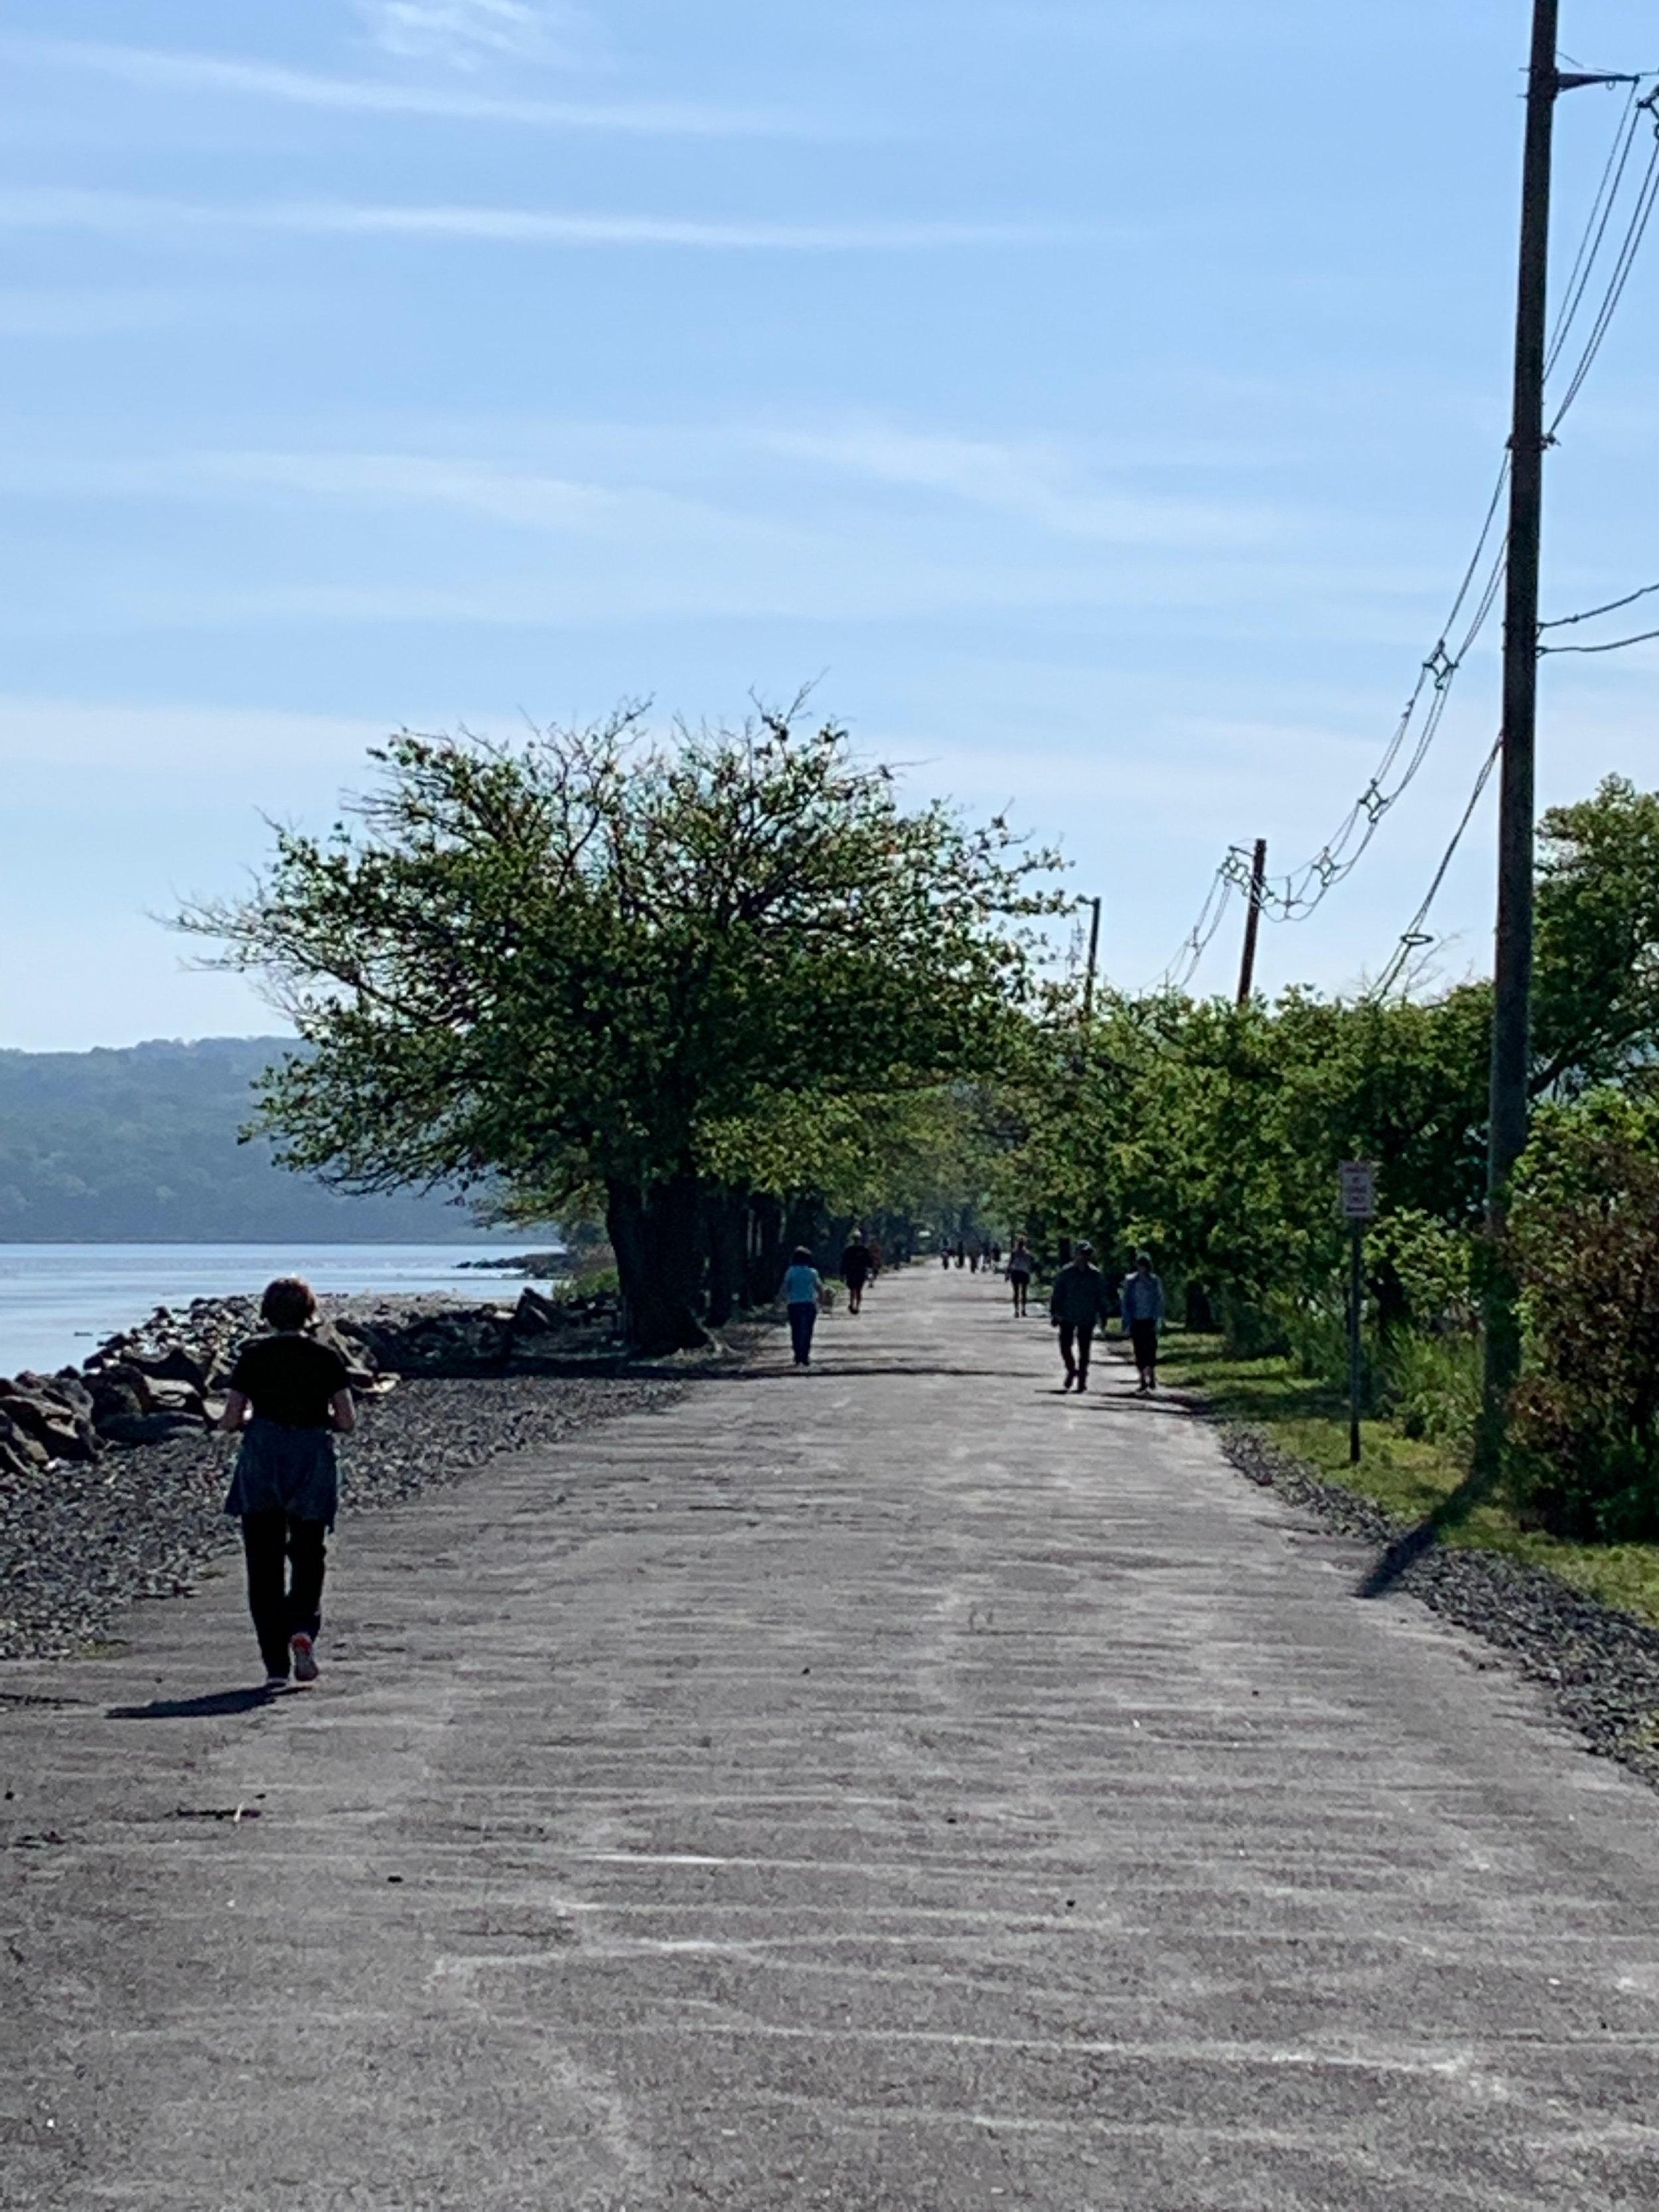 walking-in-piermont-ny-ferry-rd-3.jpg